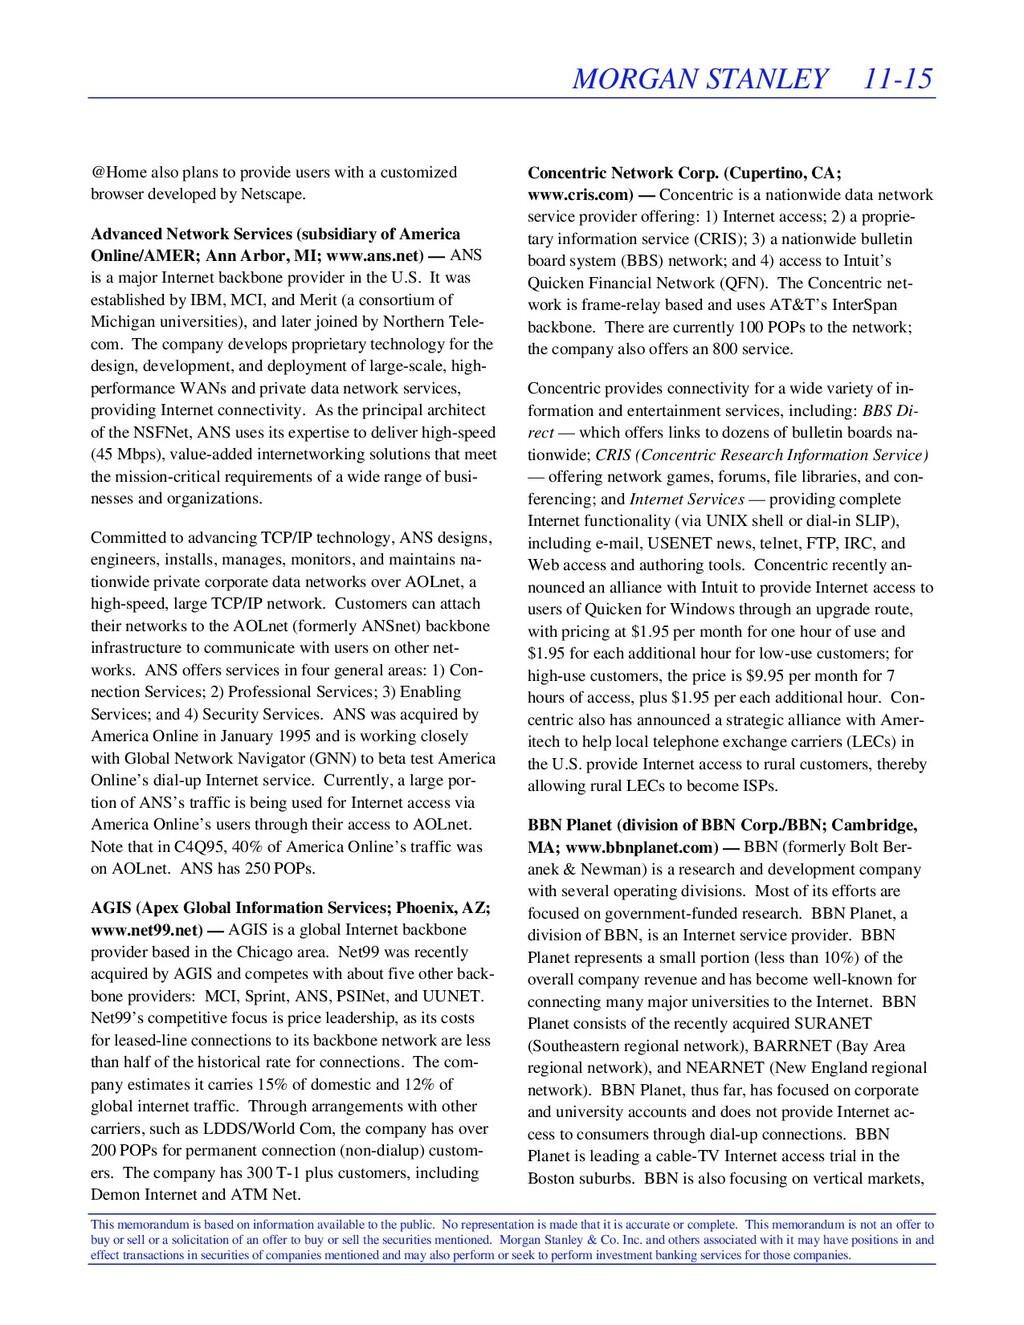 MORGAN STANLEY 11-15 This memorandum is based o...